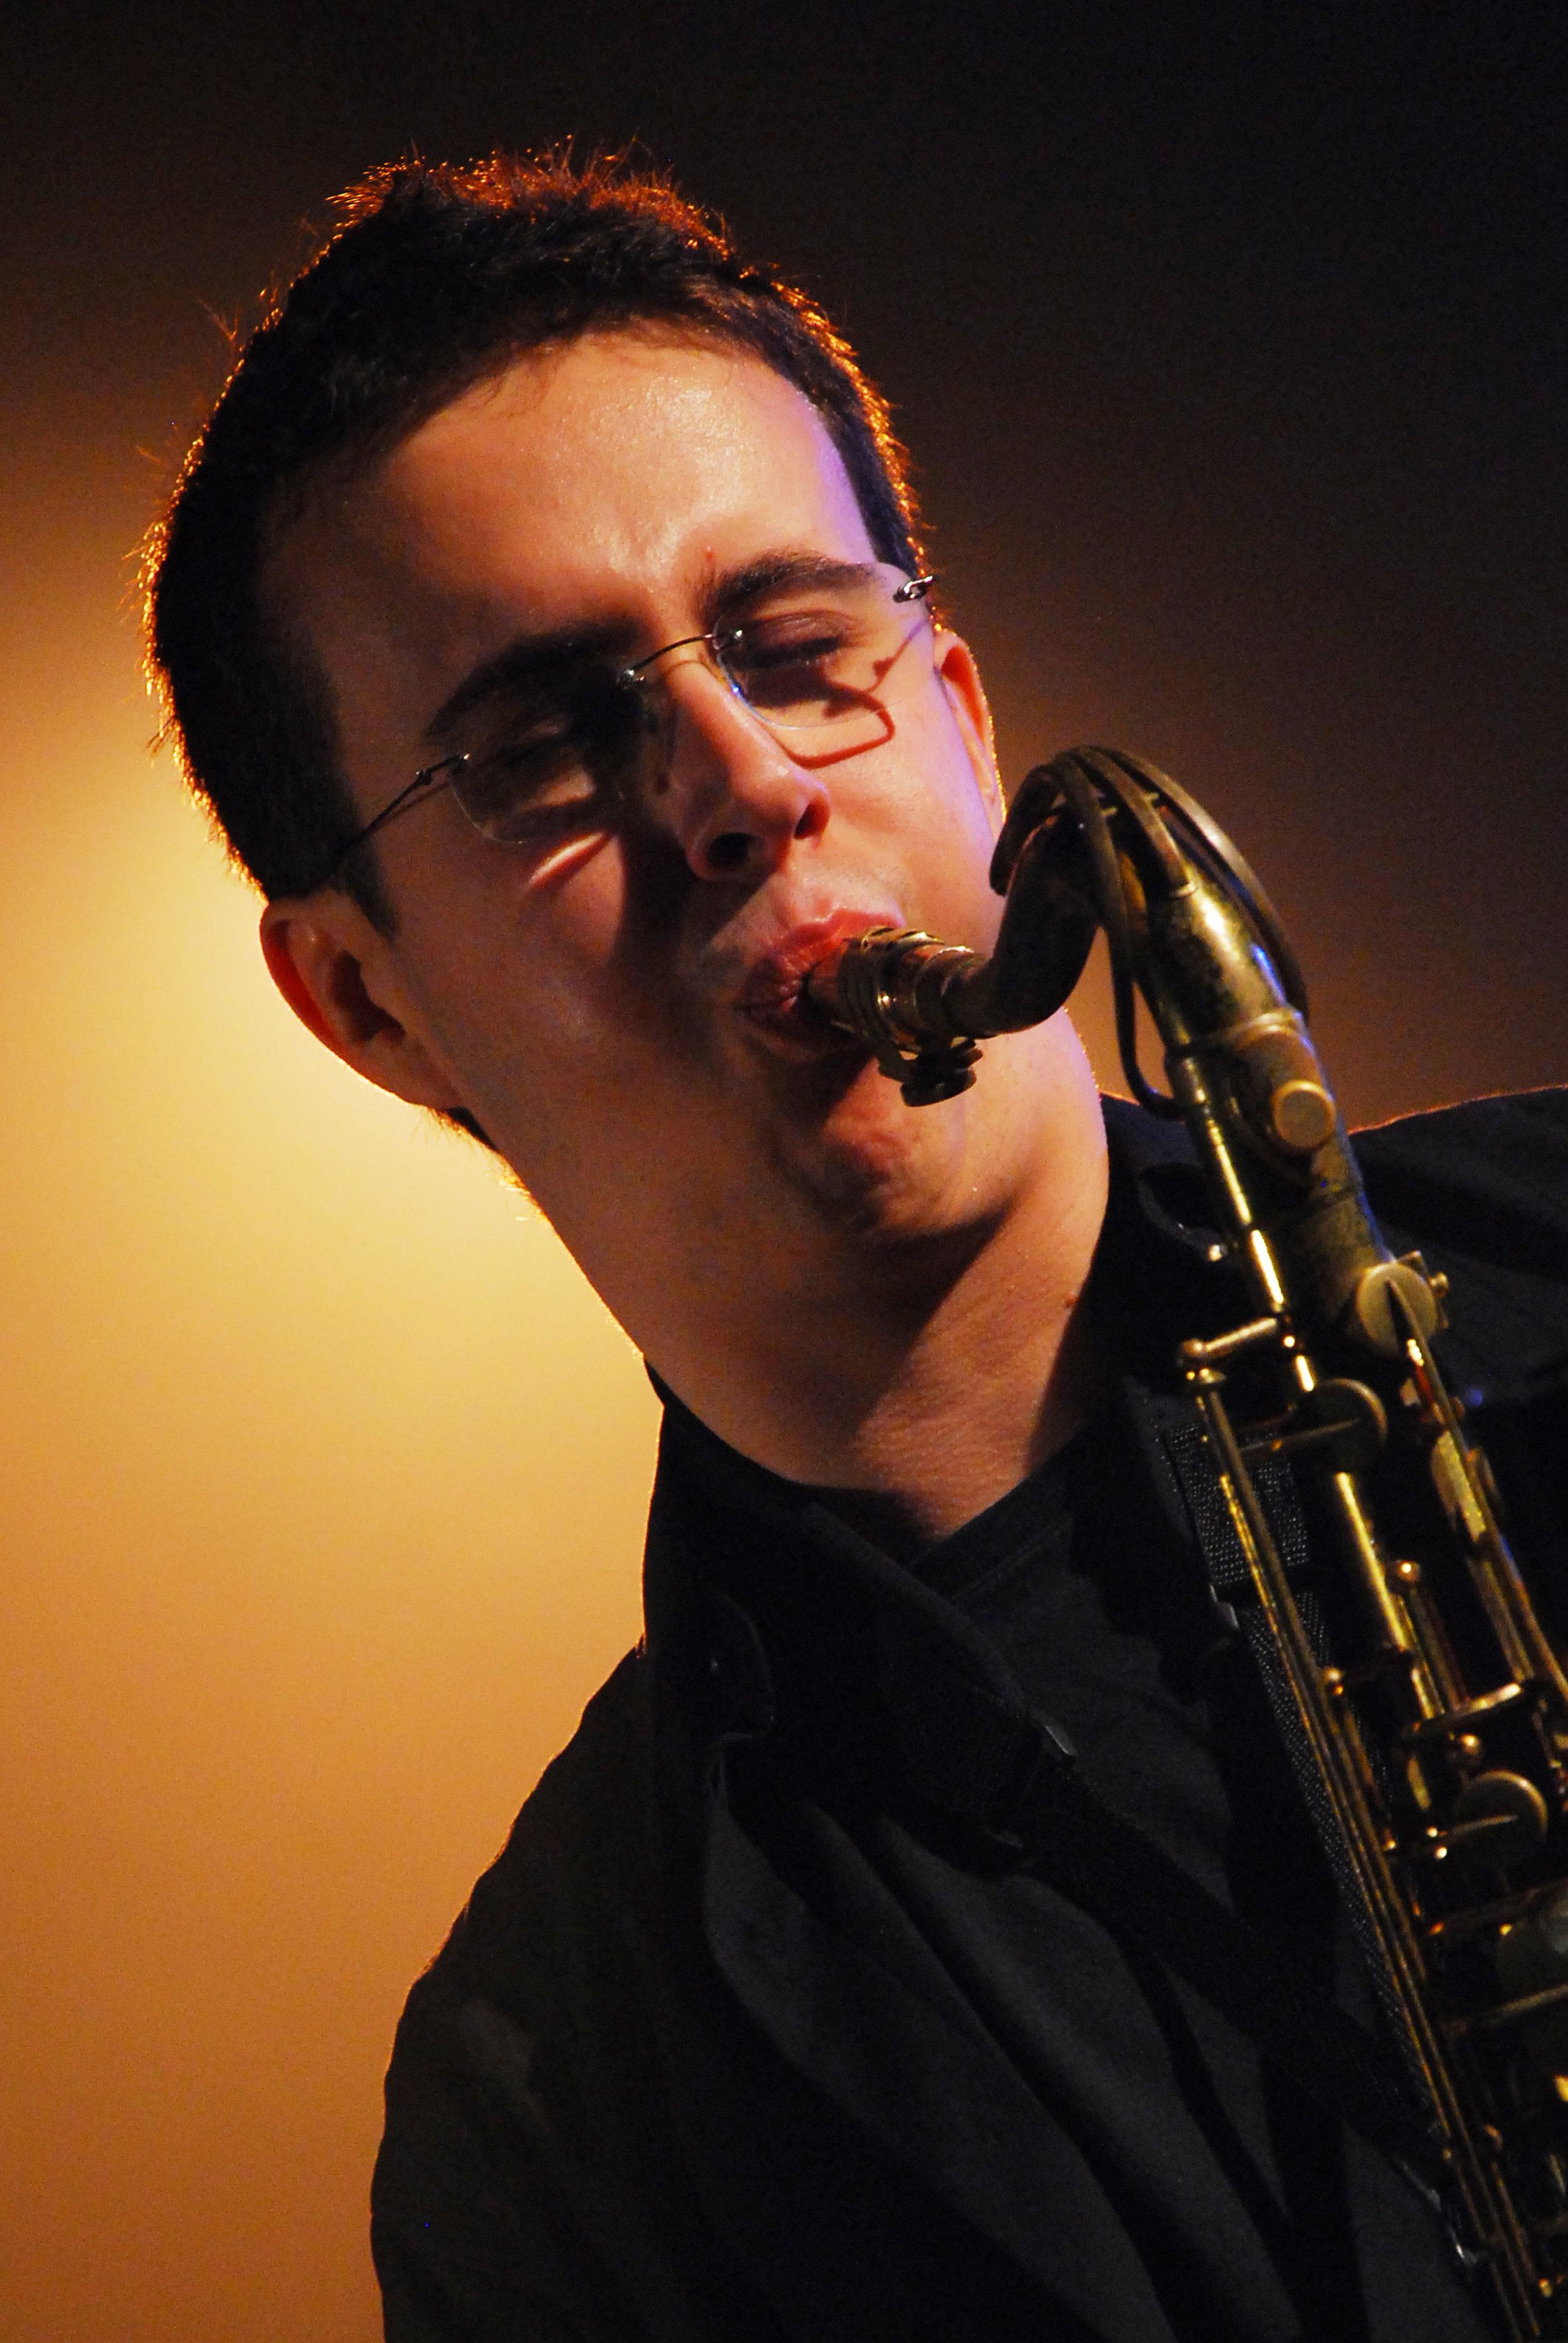 Rafael Piccolotto de Lima. Brazil, 2009.